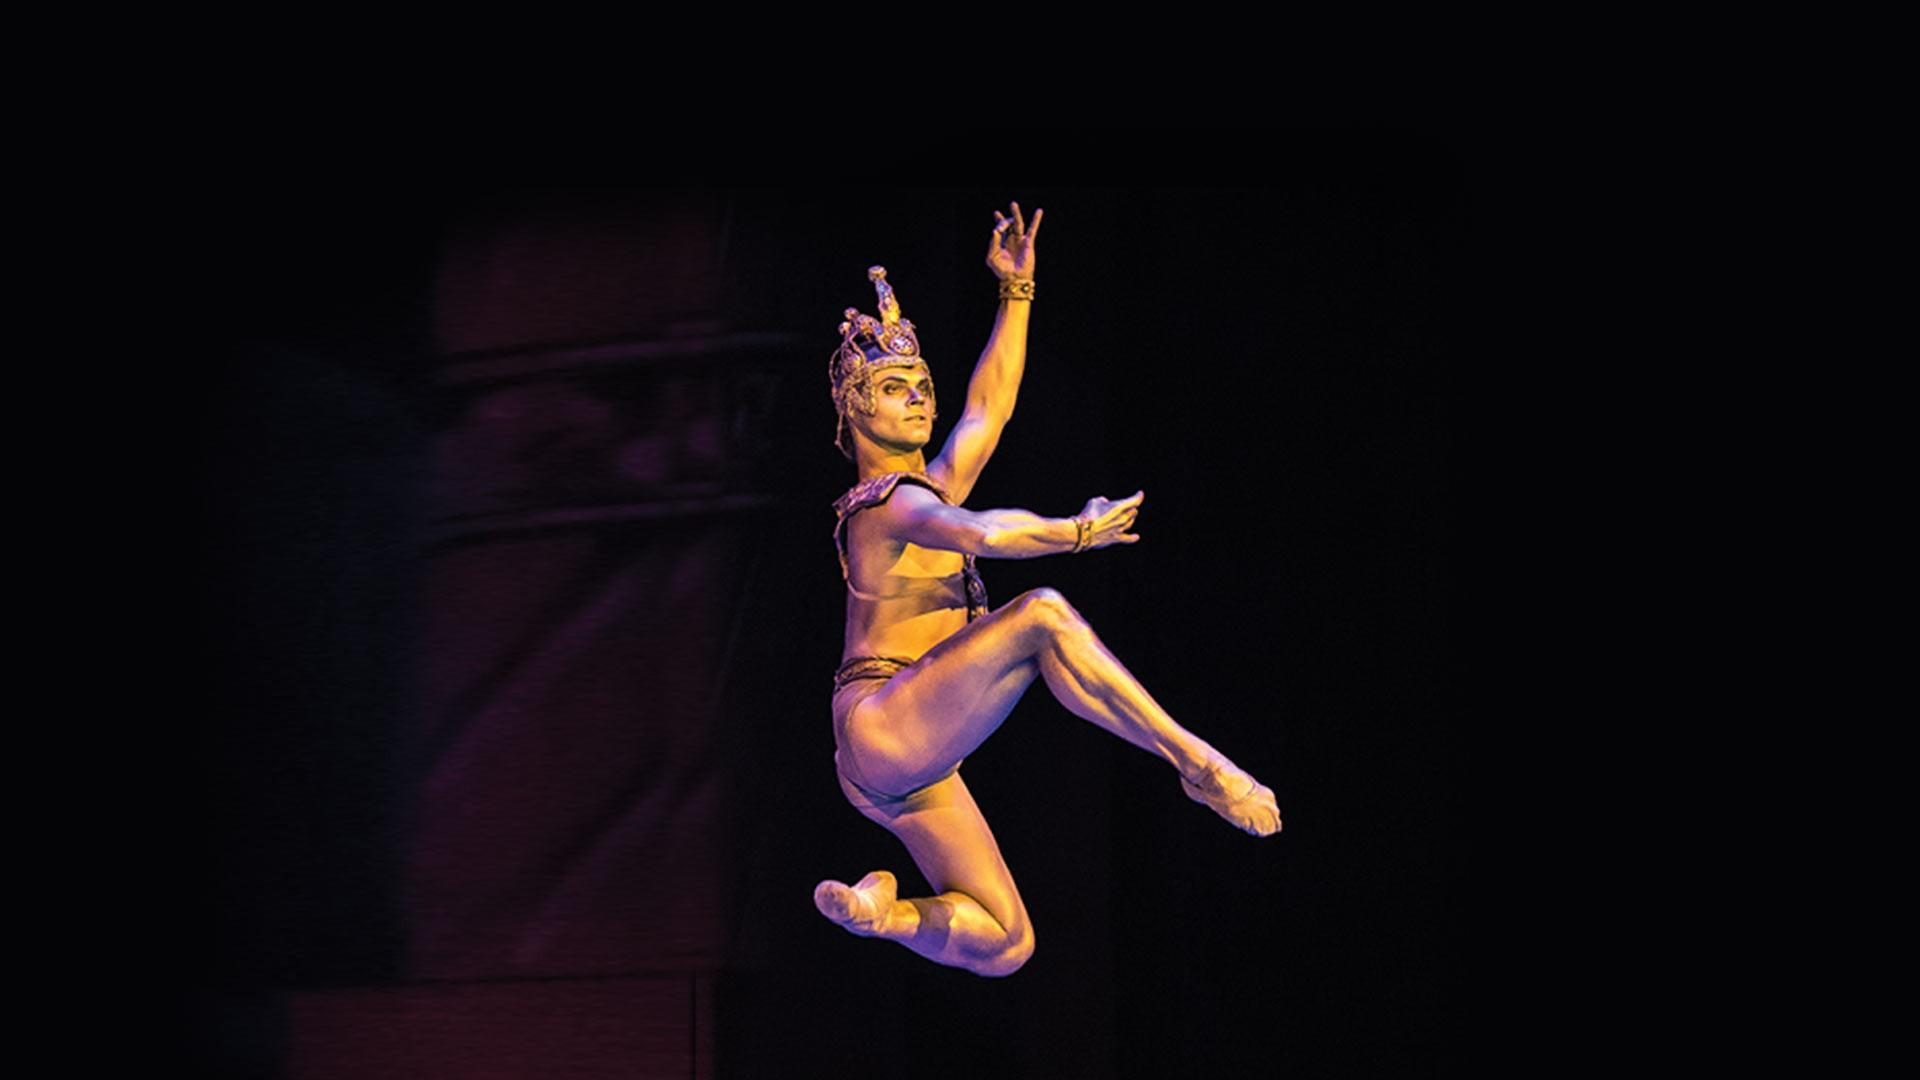 """VIII Международный фестиваль балета в Кремле. Баядерка. Л. Минкус. Спектакль театра """"Кремлёвский балет"""""""